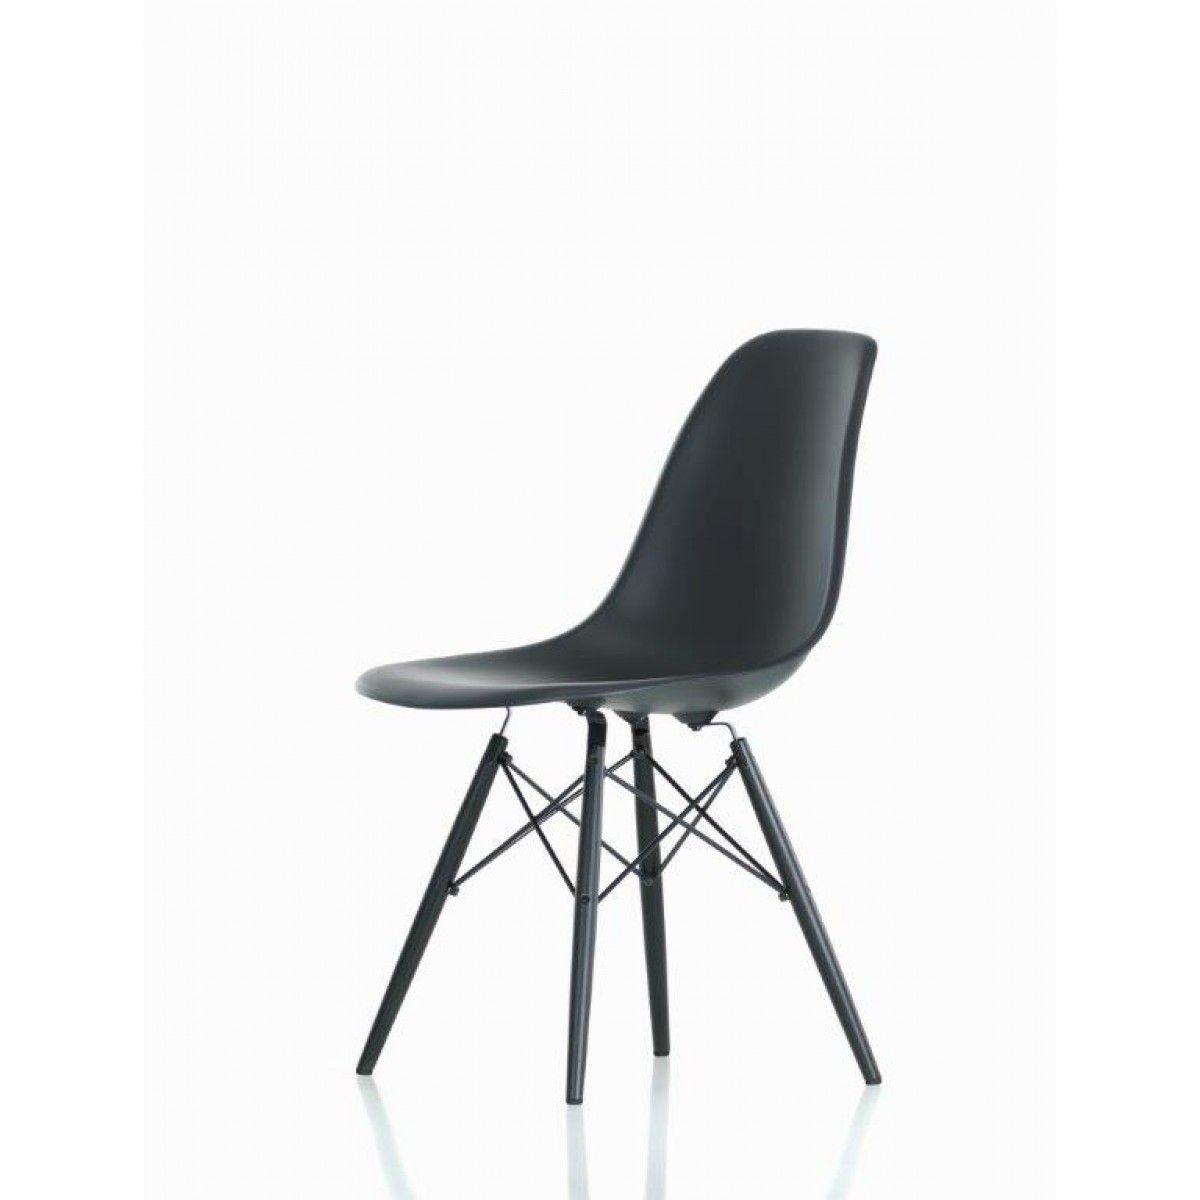 Attractive Vitra   Eames Plastic Side Chair DSW (H 43 Cm), Ahorn Dunkel / Basalt,  Filzgleiter Schwarz (Hartboden) Basalt Pictures Gallery